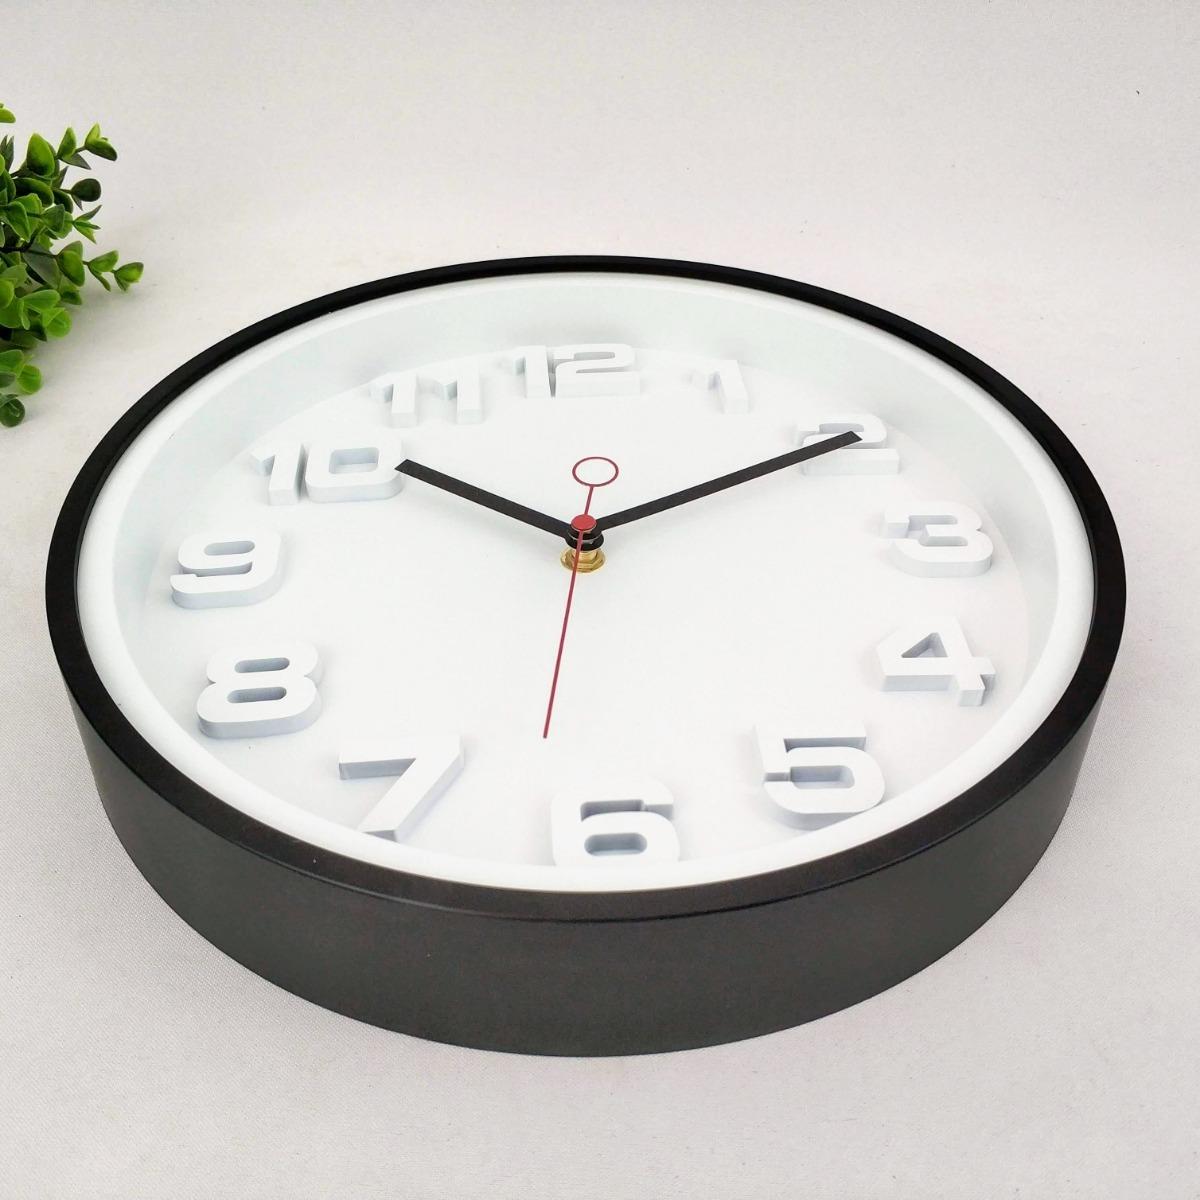 0a7a06c5de0 relógio parede decorativo branco preto alto relevo 30cm. Carregando zoom.